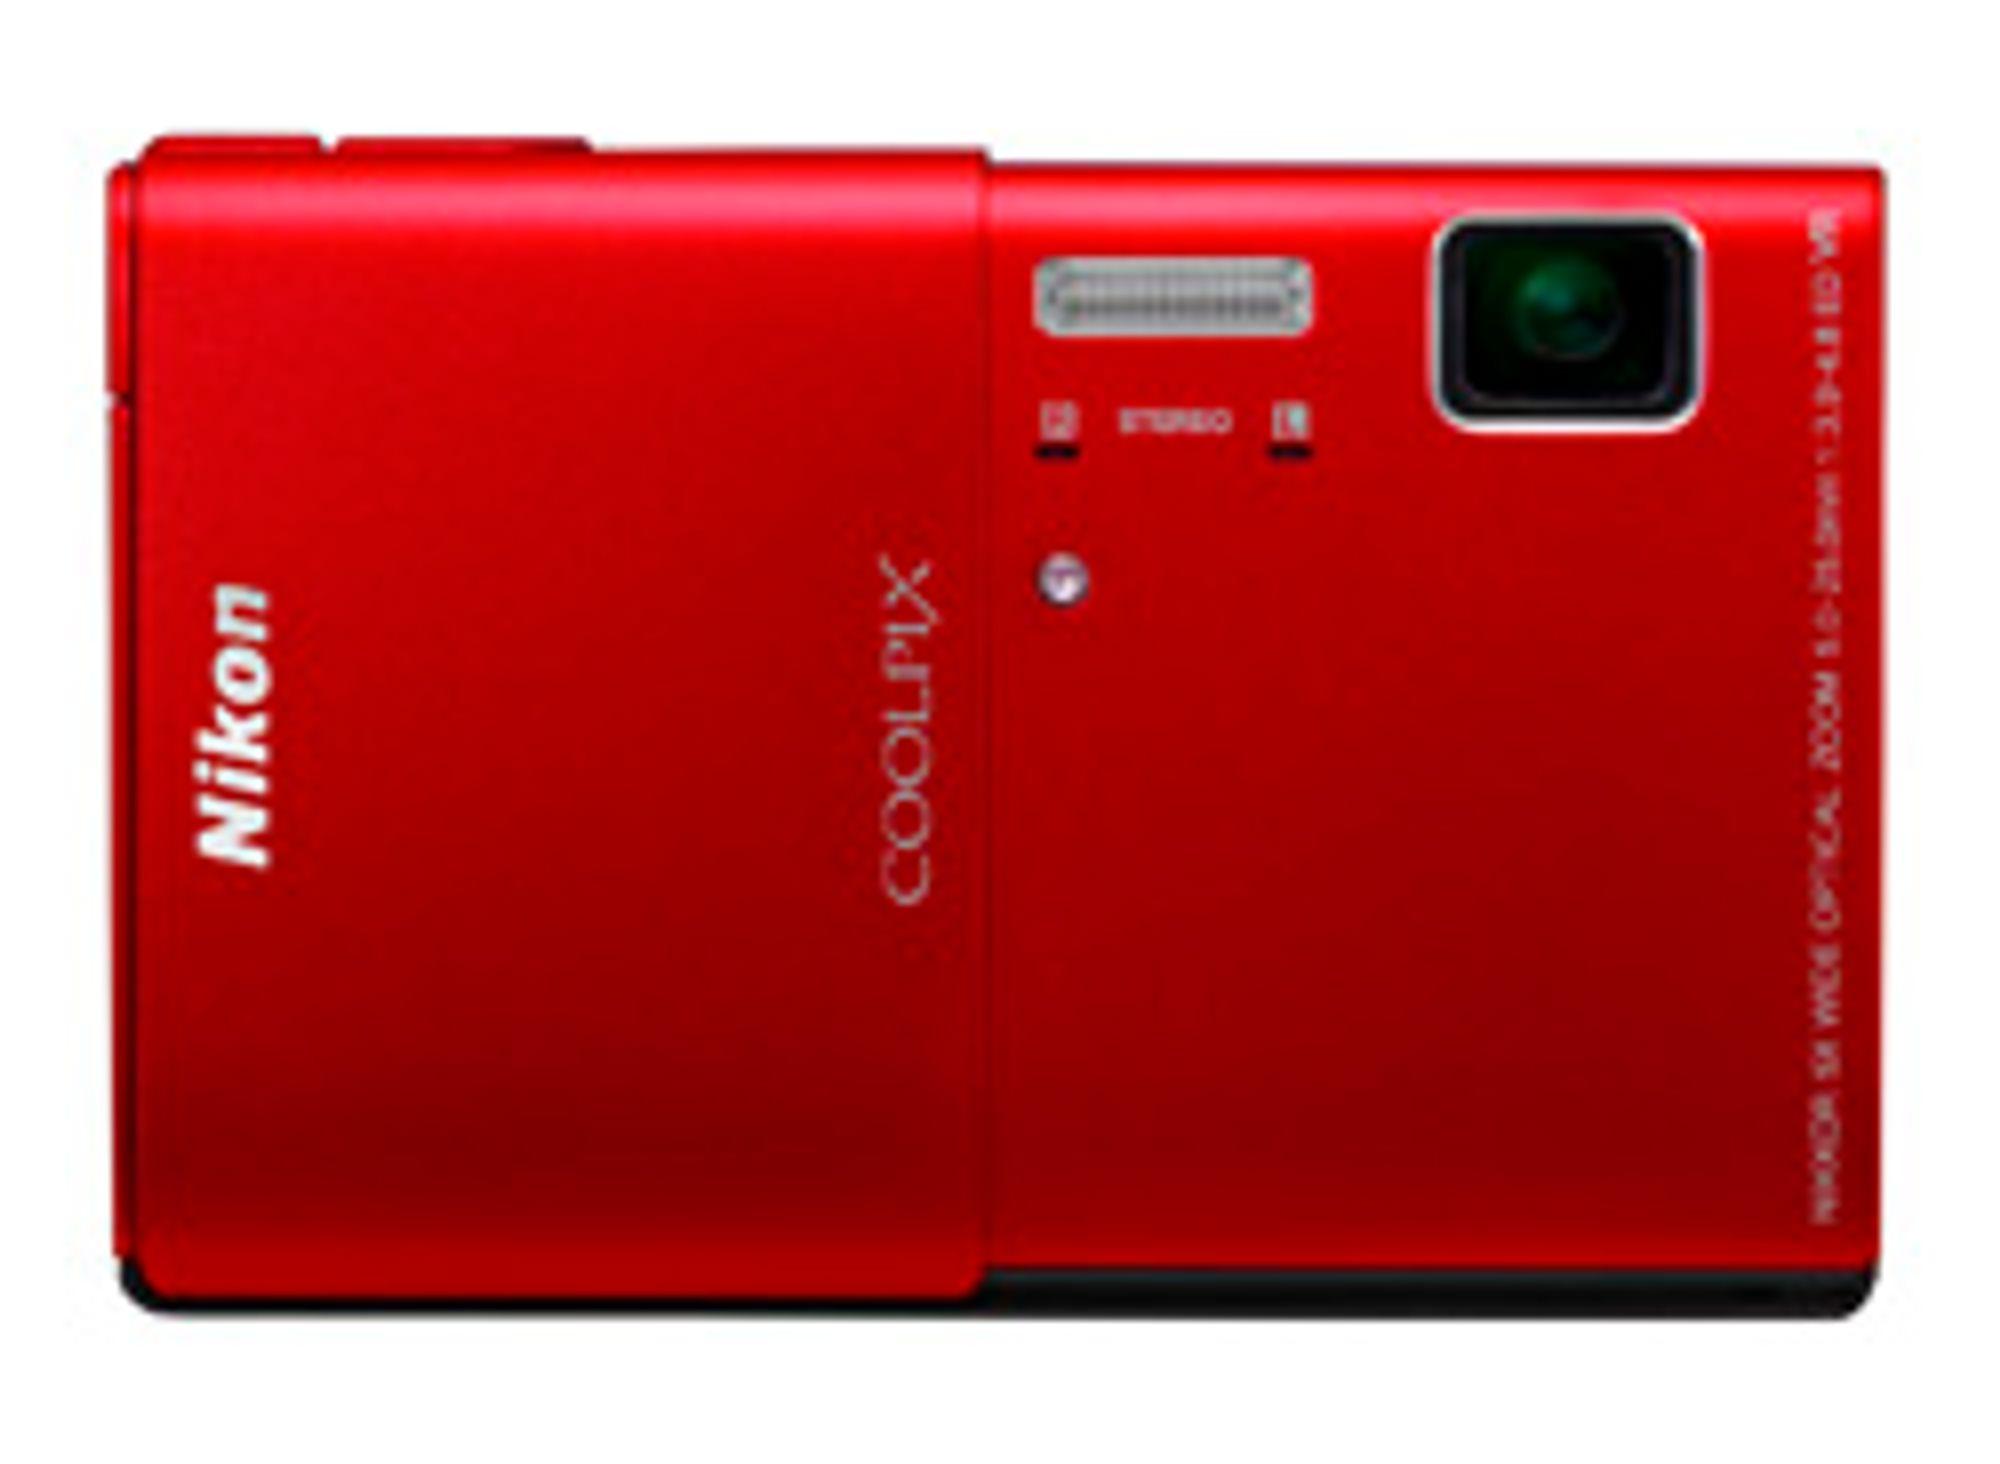 Nikon Coolpix S100 kommer også i fargene rosa og svart.